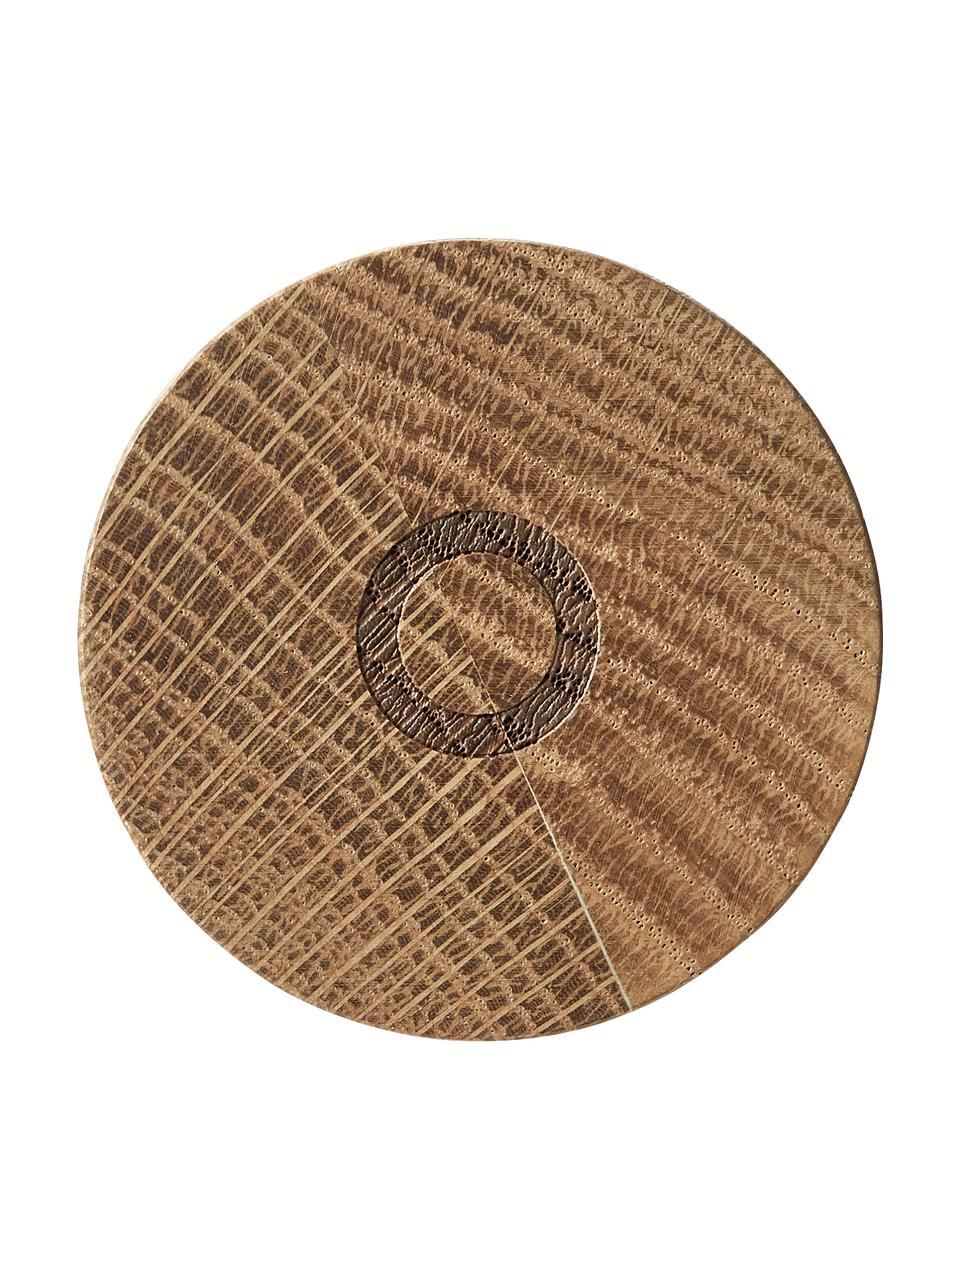 Steingut Salz- und Pfeffermühle Bizz mit Holzdeckel, 2er-Set, Deckel: Eichenholz, Mahlwerk: Keramik, Grüntöne, Beige, Holz, Ø 5 x H 17 cm